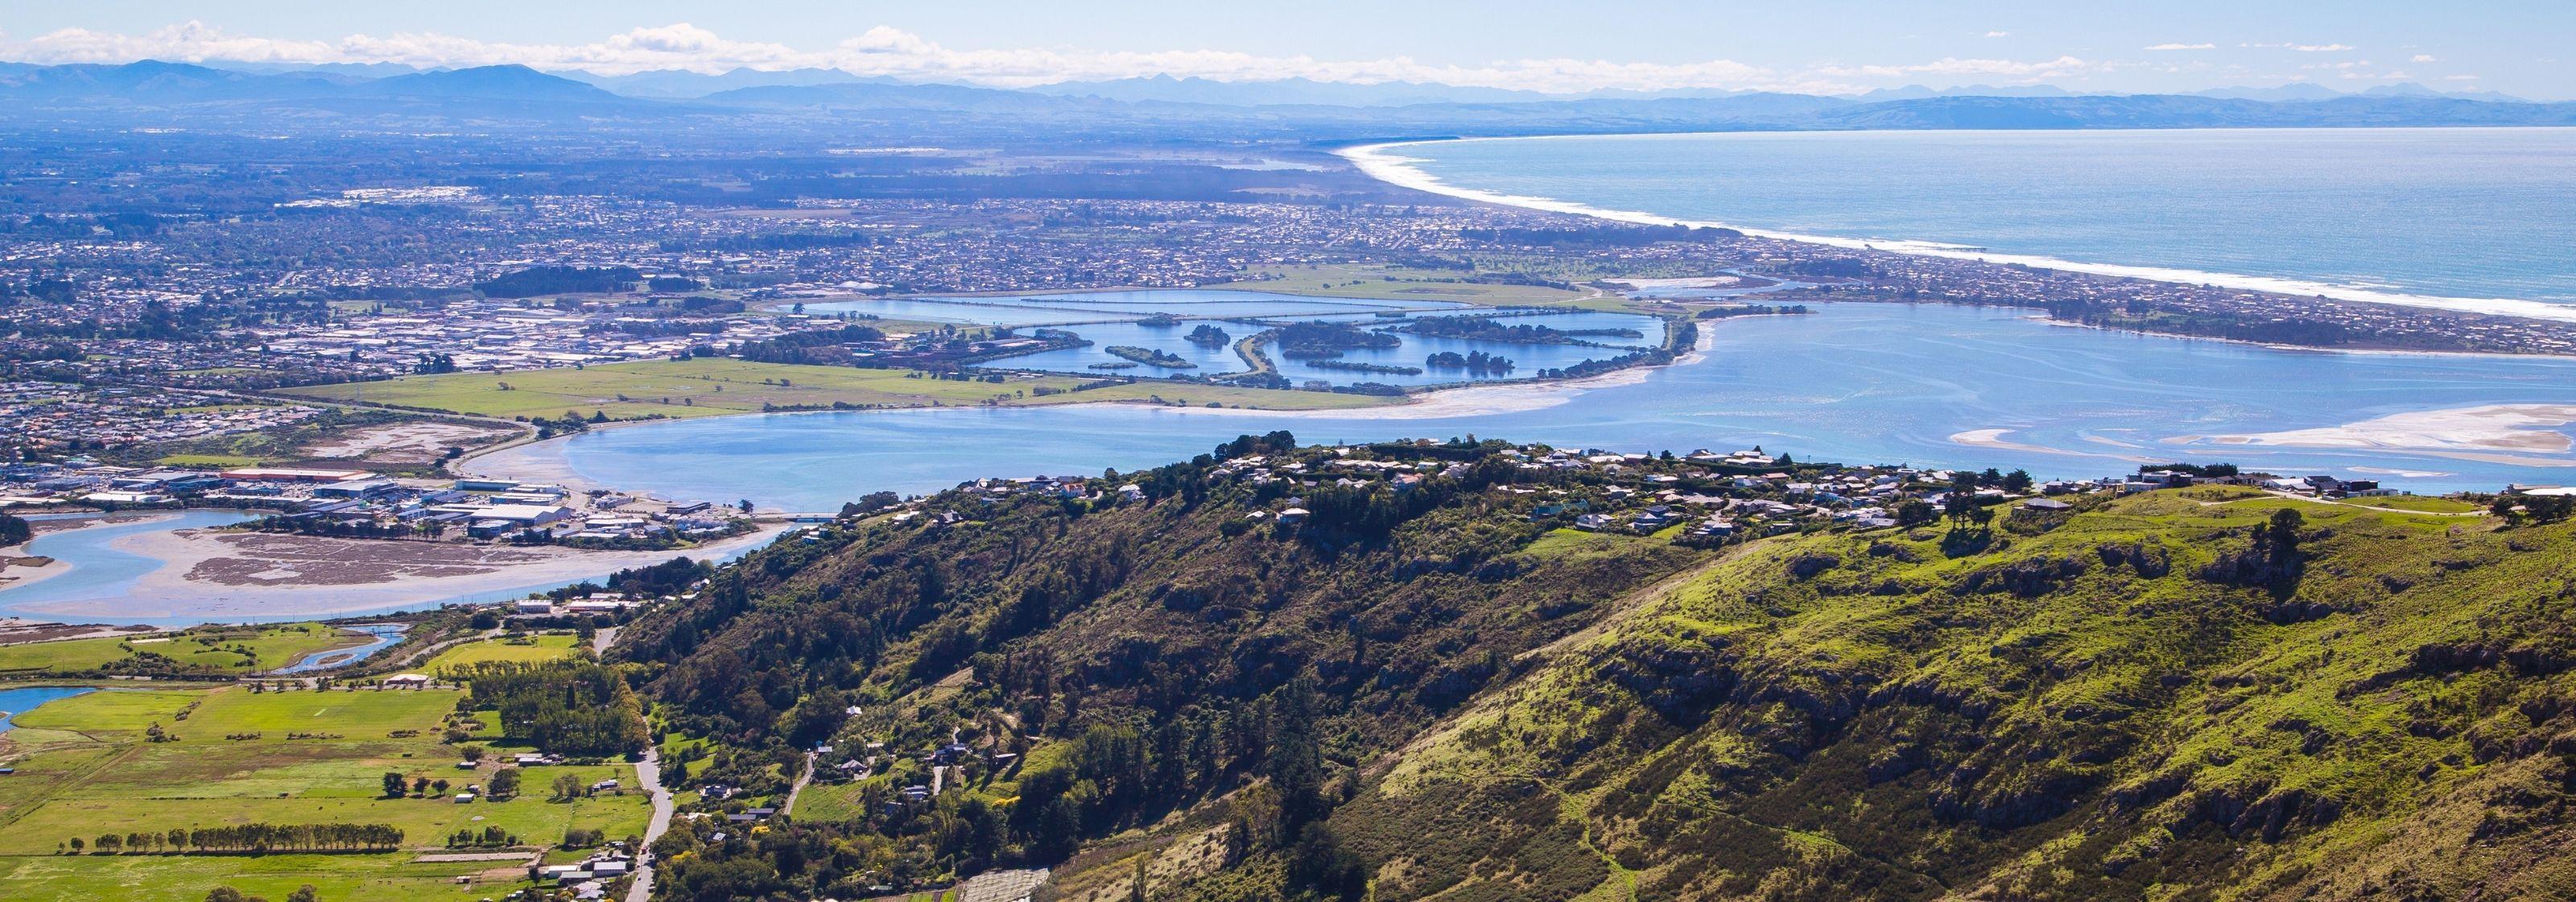 Aktivitäten in Christchurch